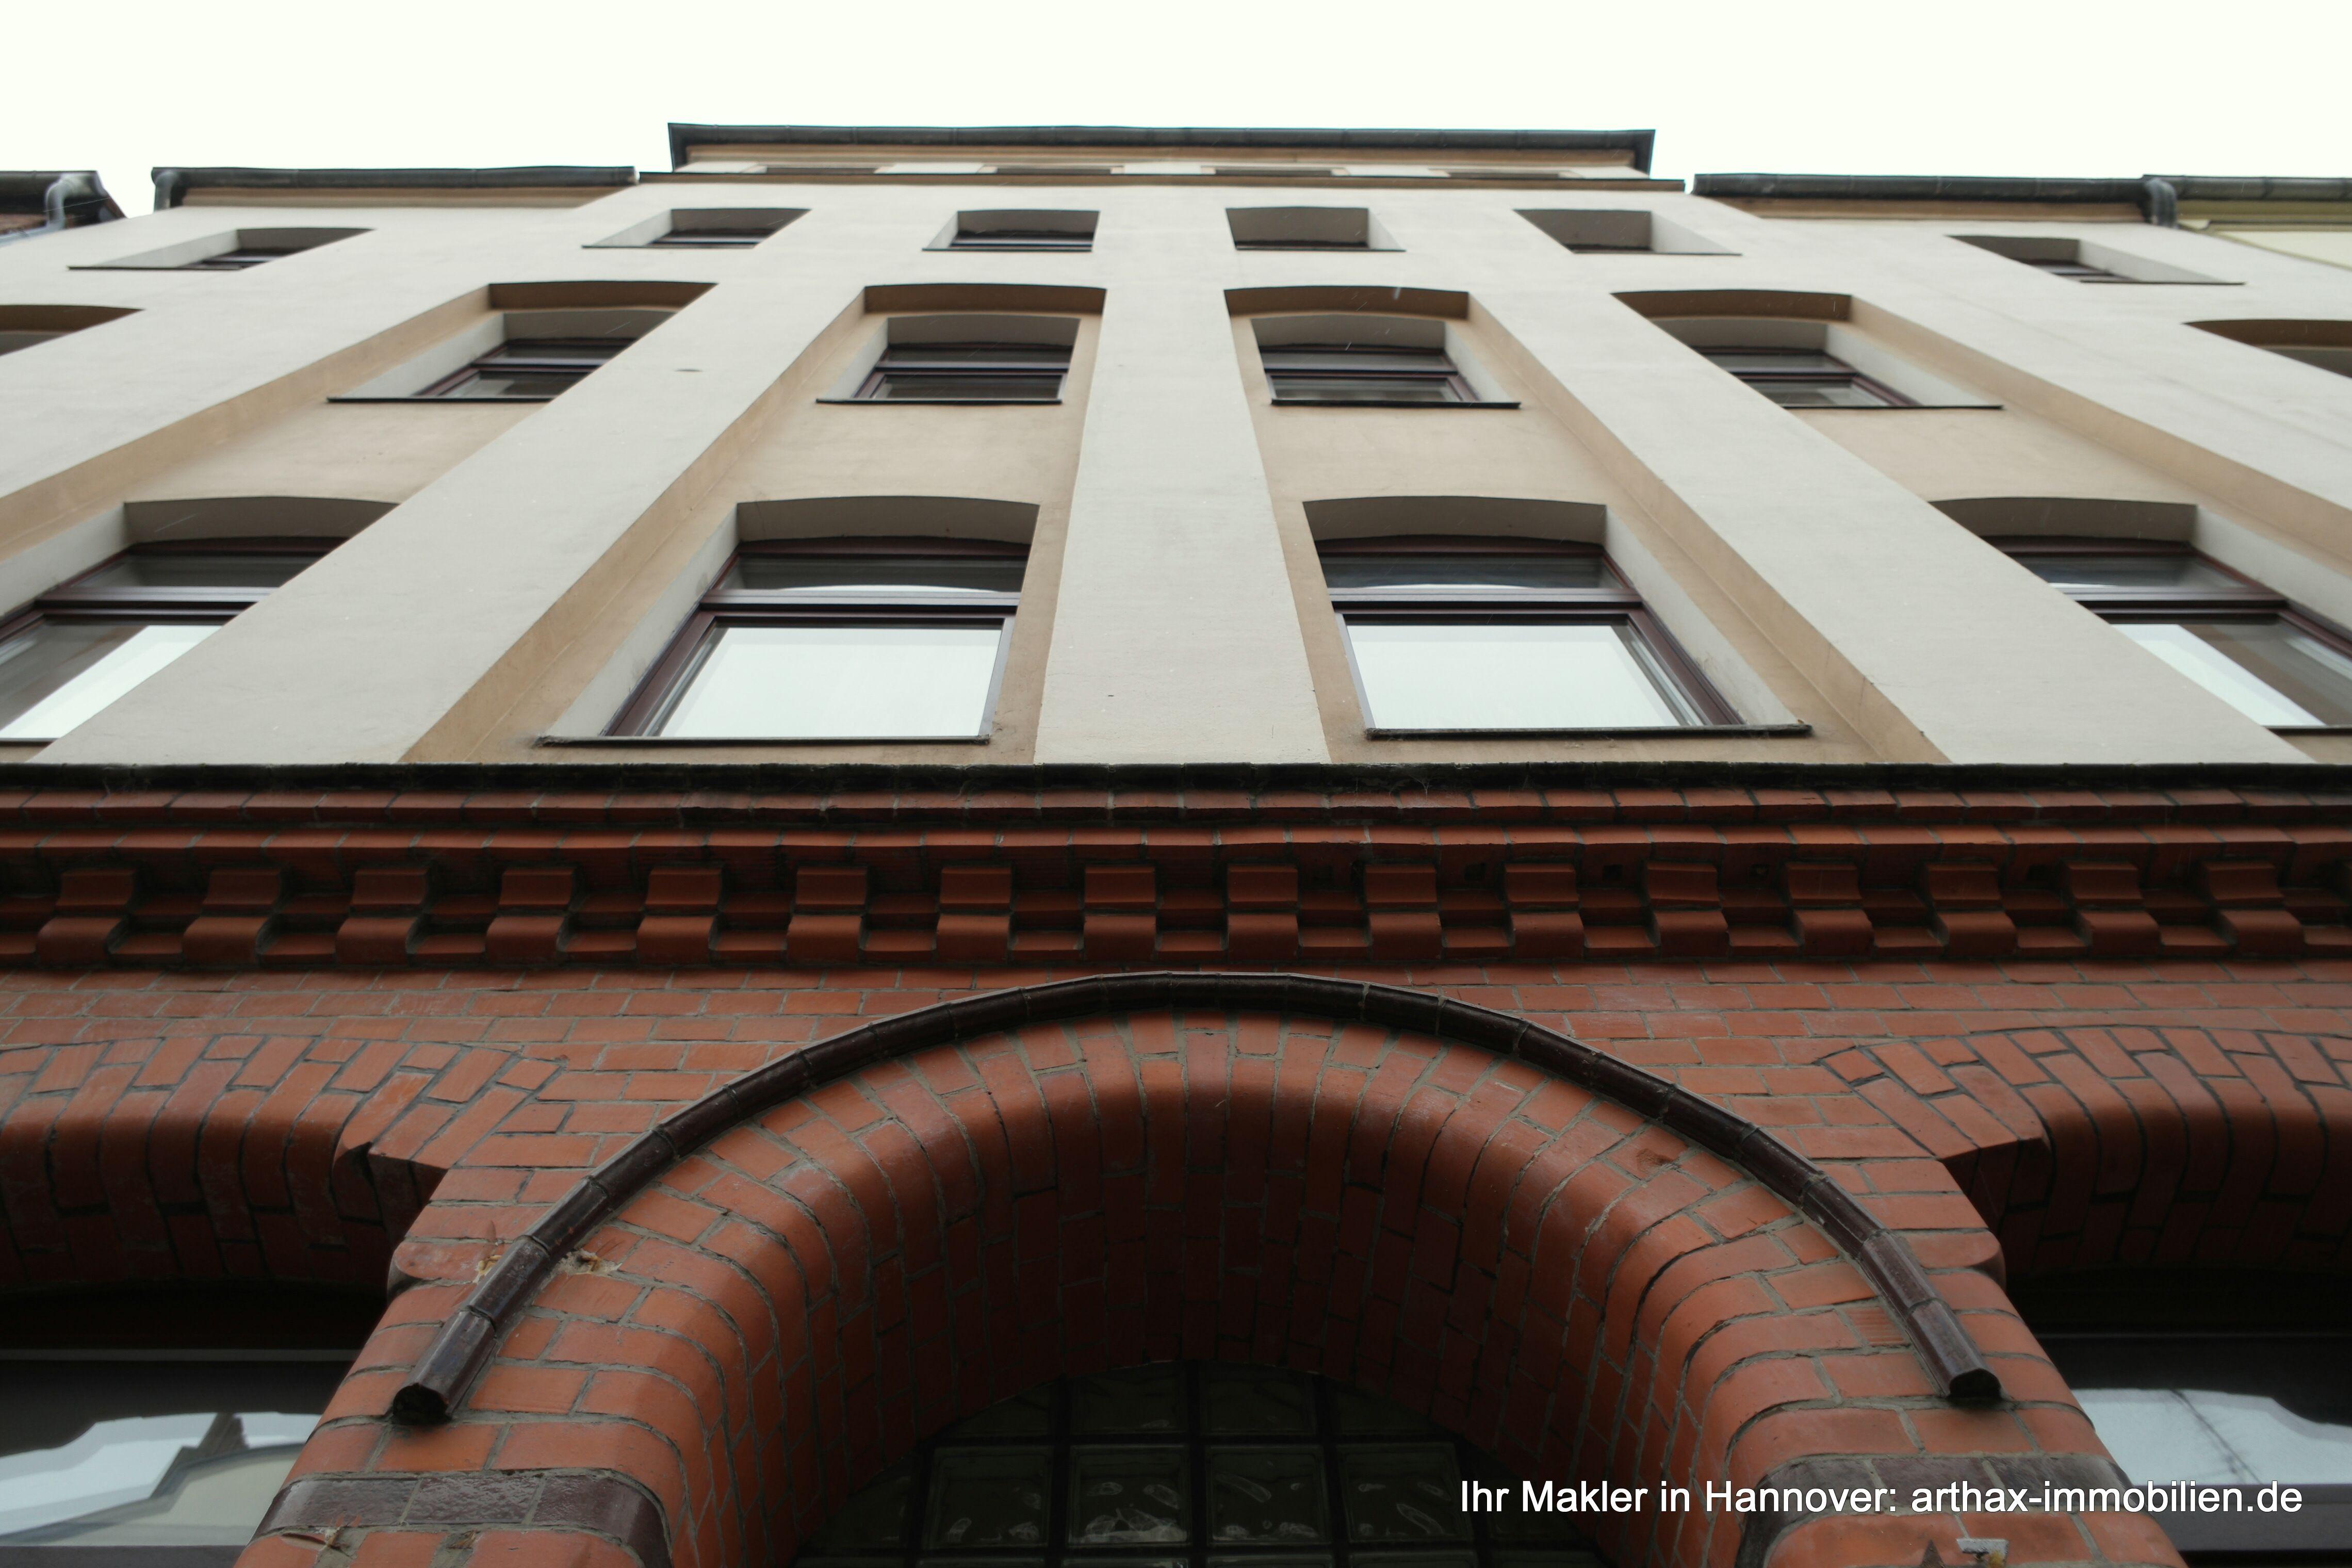 Eigentumswohnung in Hannover Linden Nord zu kaufen (mit